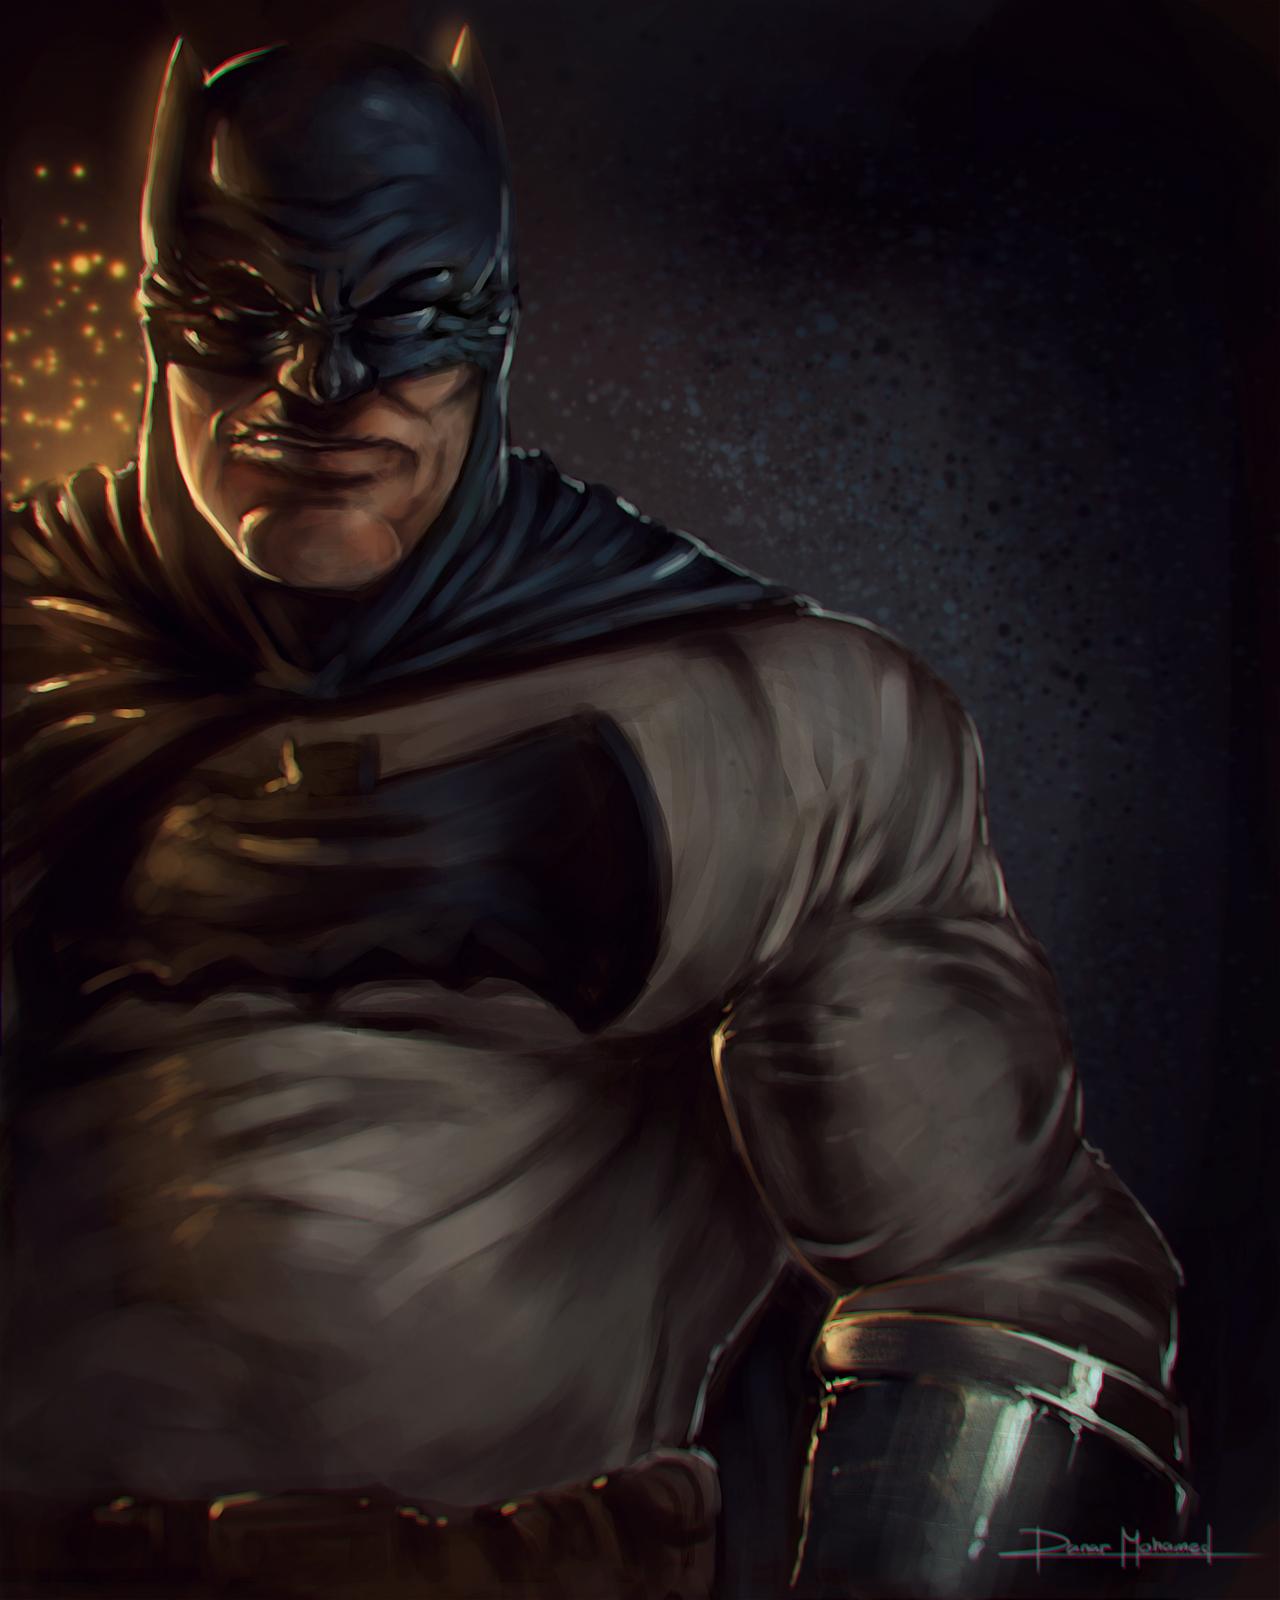 COMICRTICO El arte del Batman de The Dark Knight Returns 1280x1600